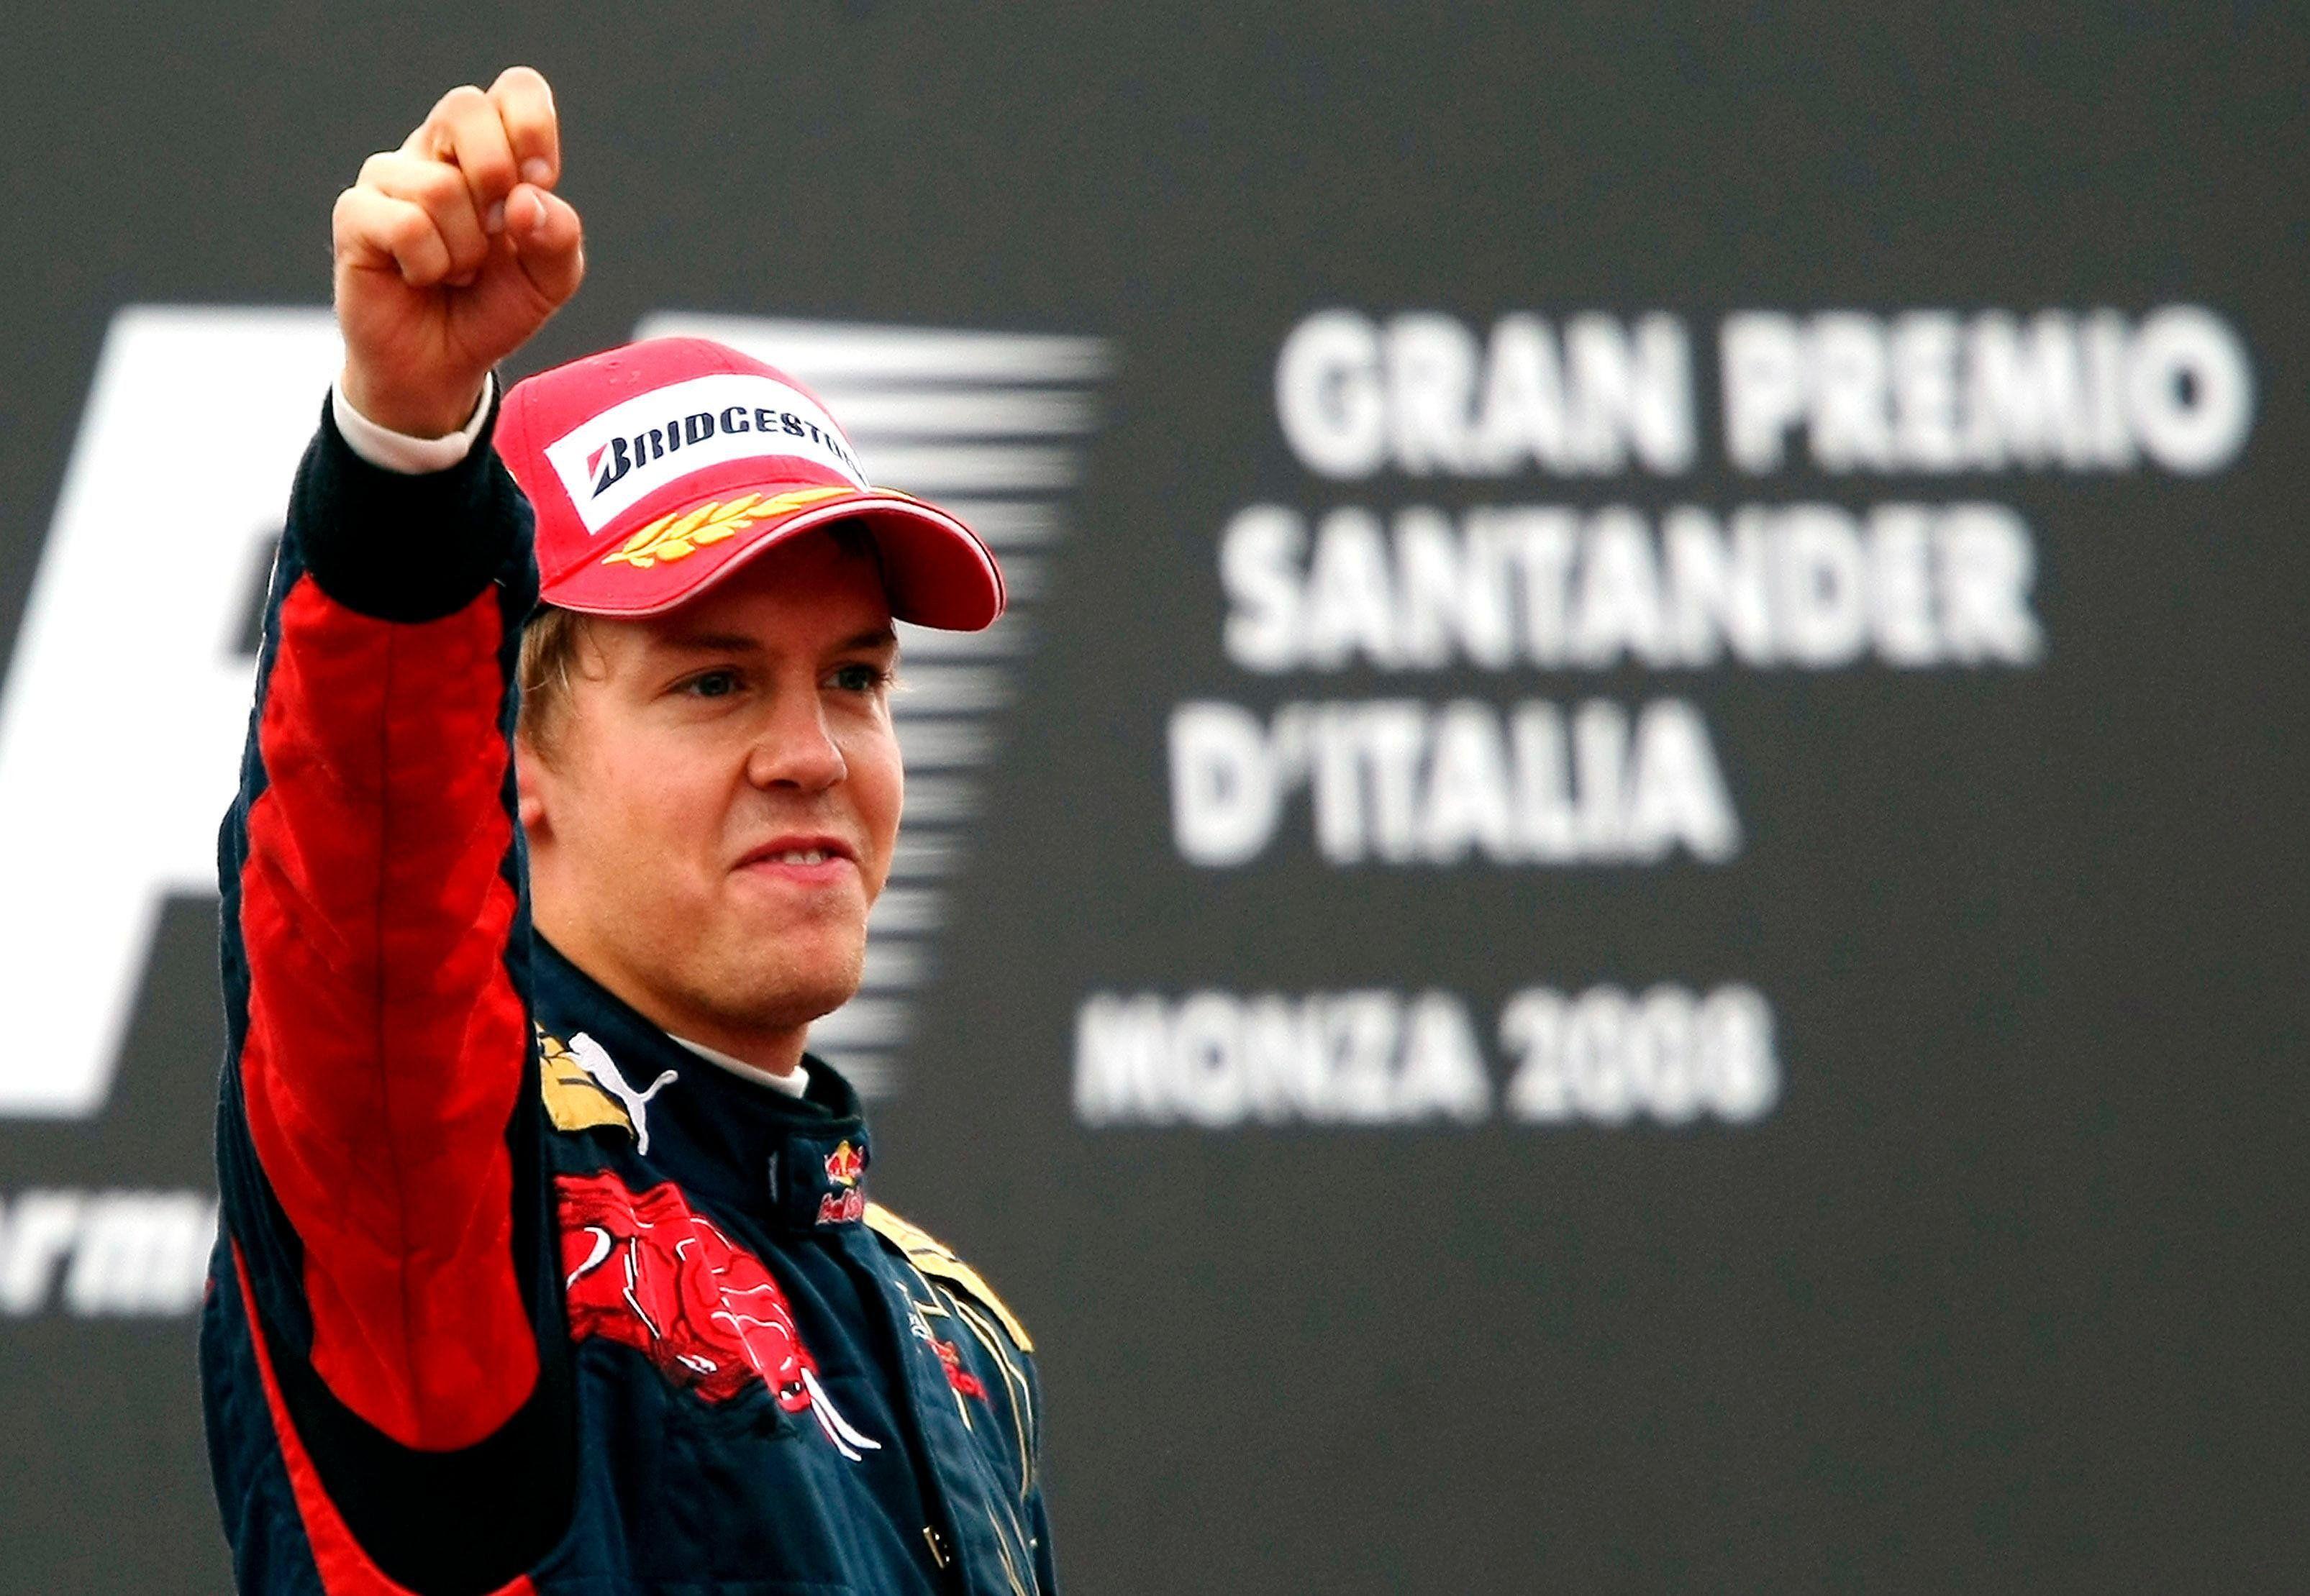 El día que Sebastian Vettel consiguió su primera victoria en F1